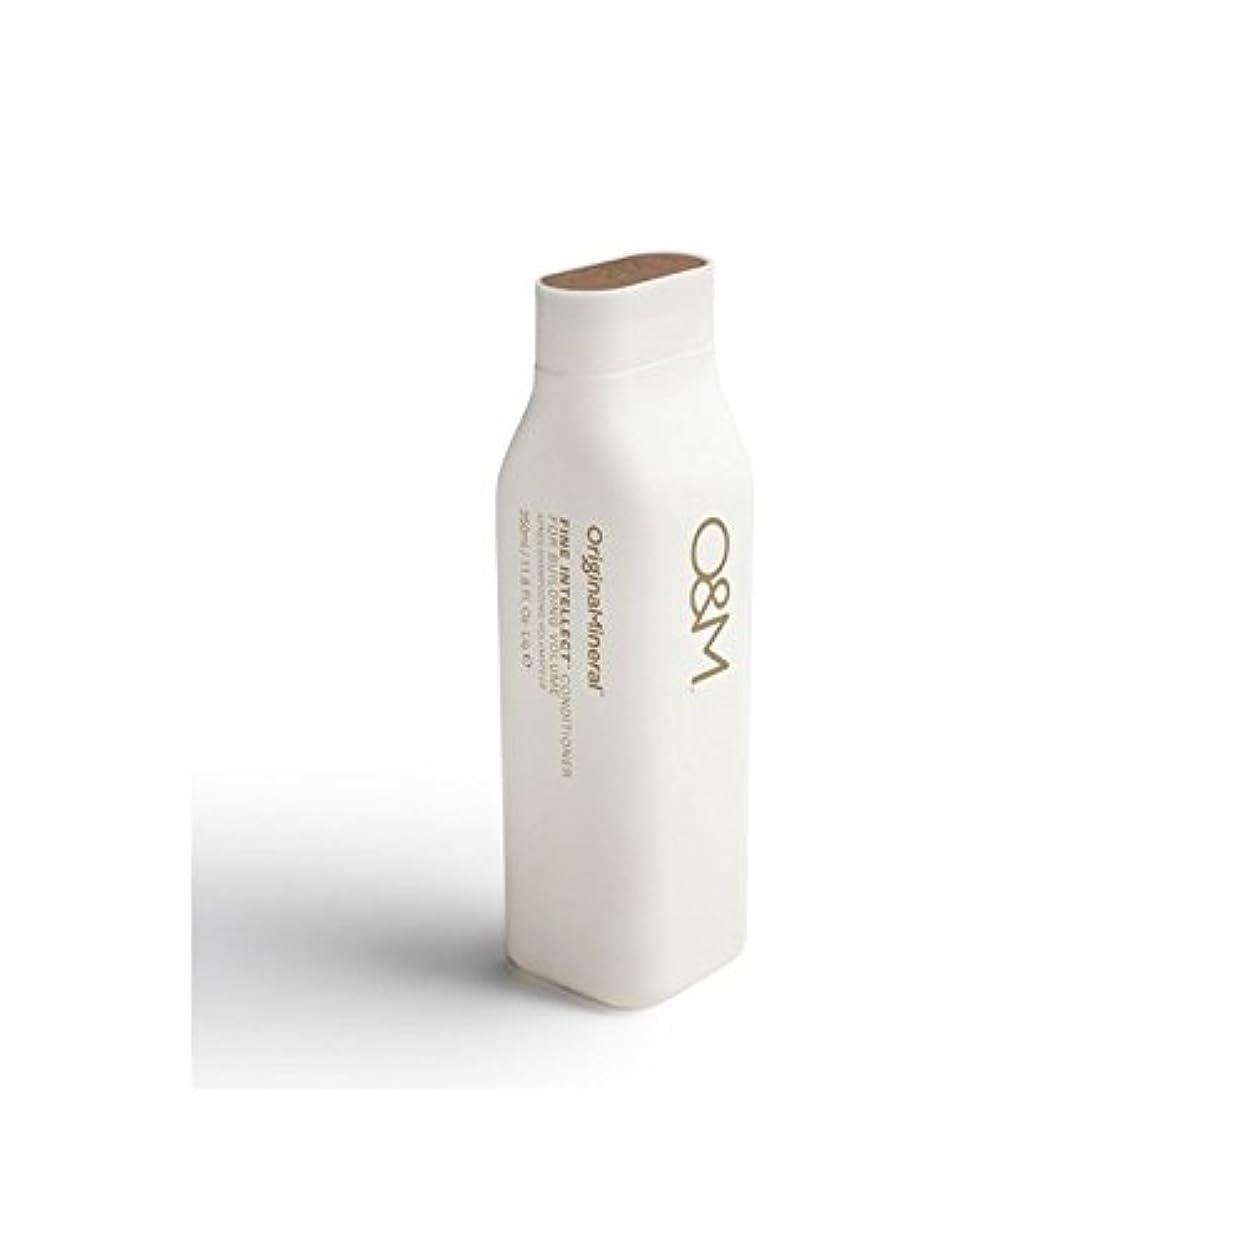 怒ってオープナー視力Original & Mineral Fine Intellect Conditioner (350ml) (Pack of 6) - オリジナル&ミネラル細かい知性コンディショナー(350ミリリットル) x6 [並行輸入品]